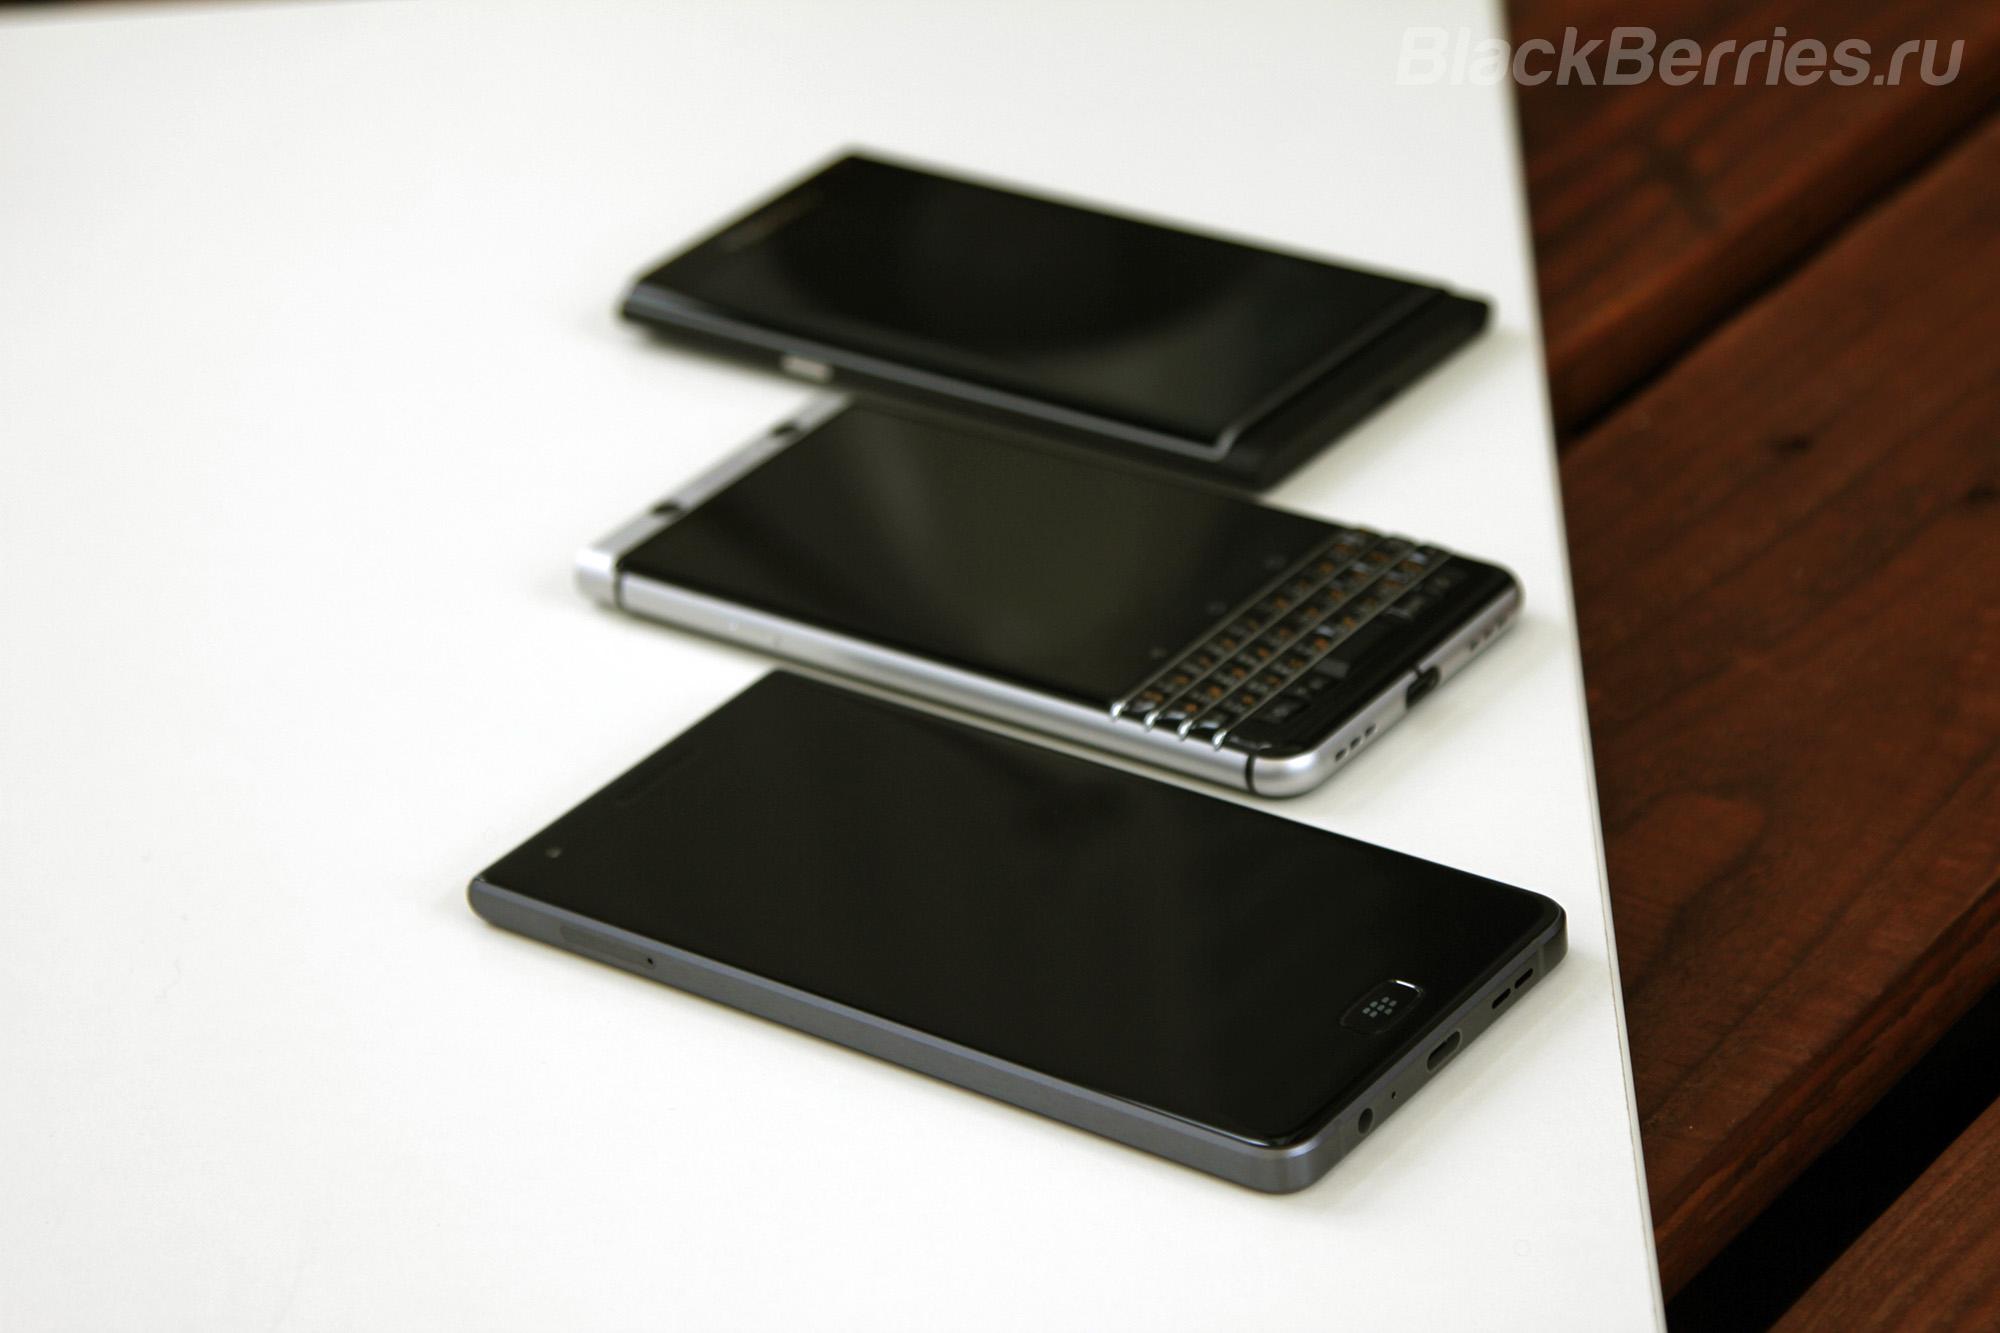 BlackBerry-Motion-Review-49.jpg